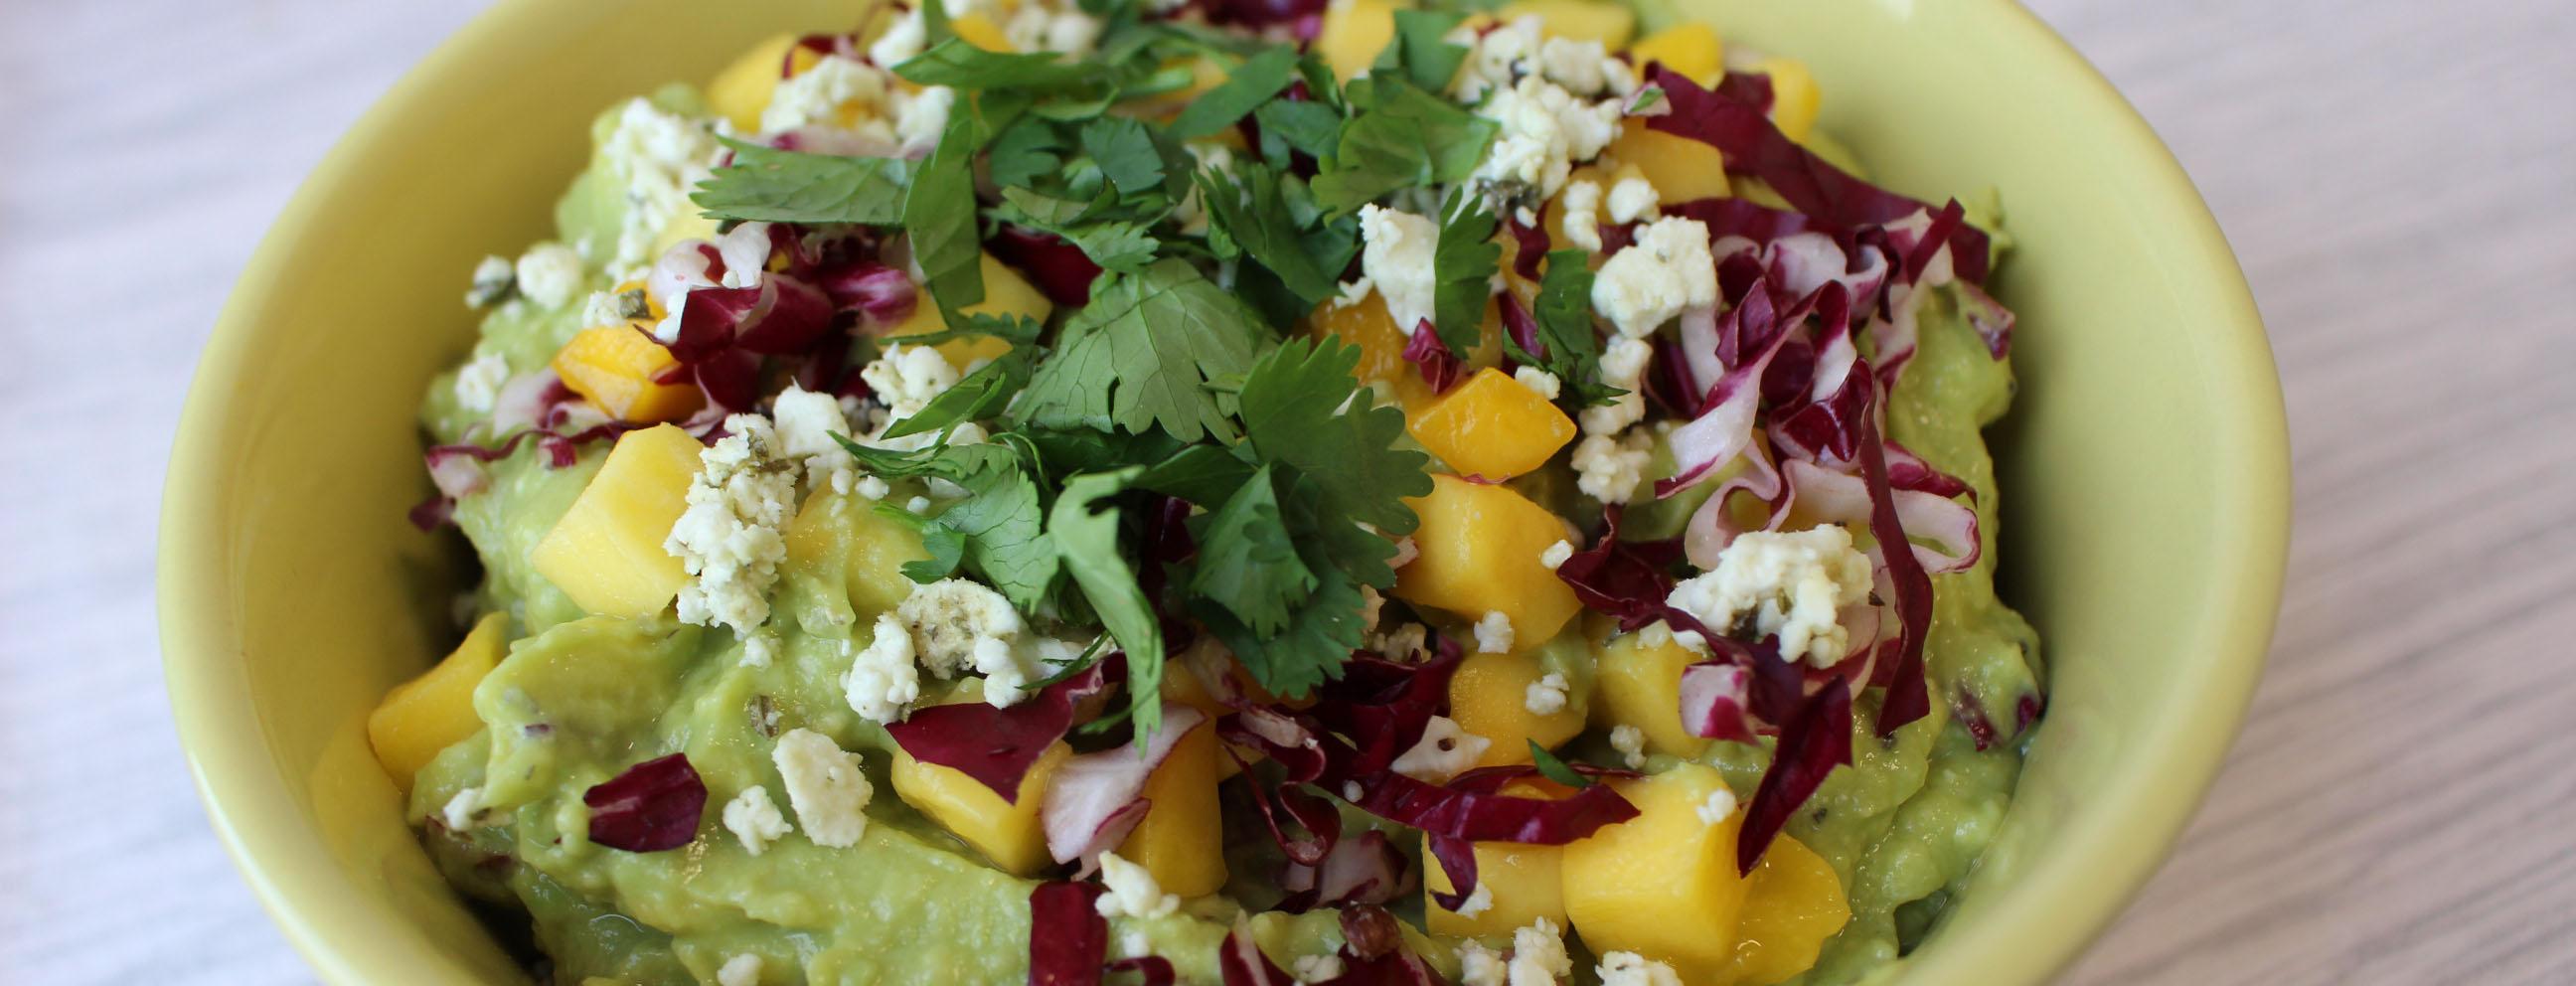 Photo of Avocado and Mango Mash Bowl